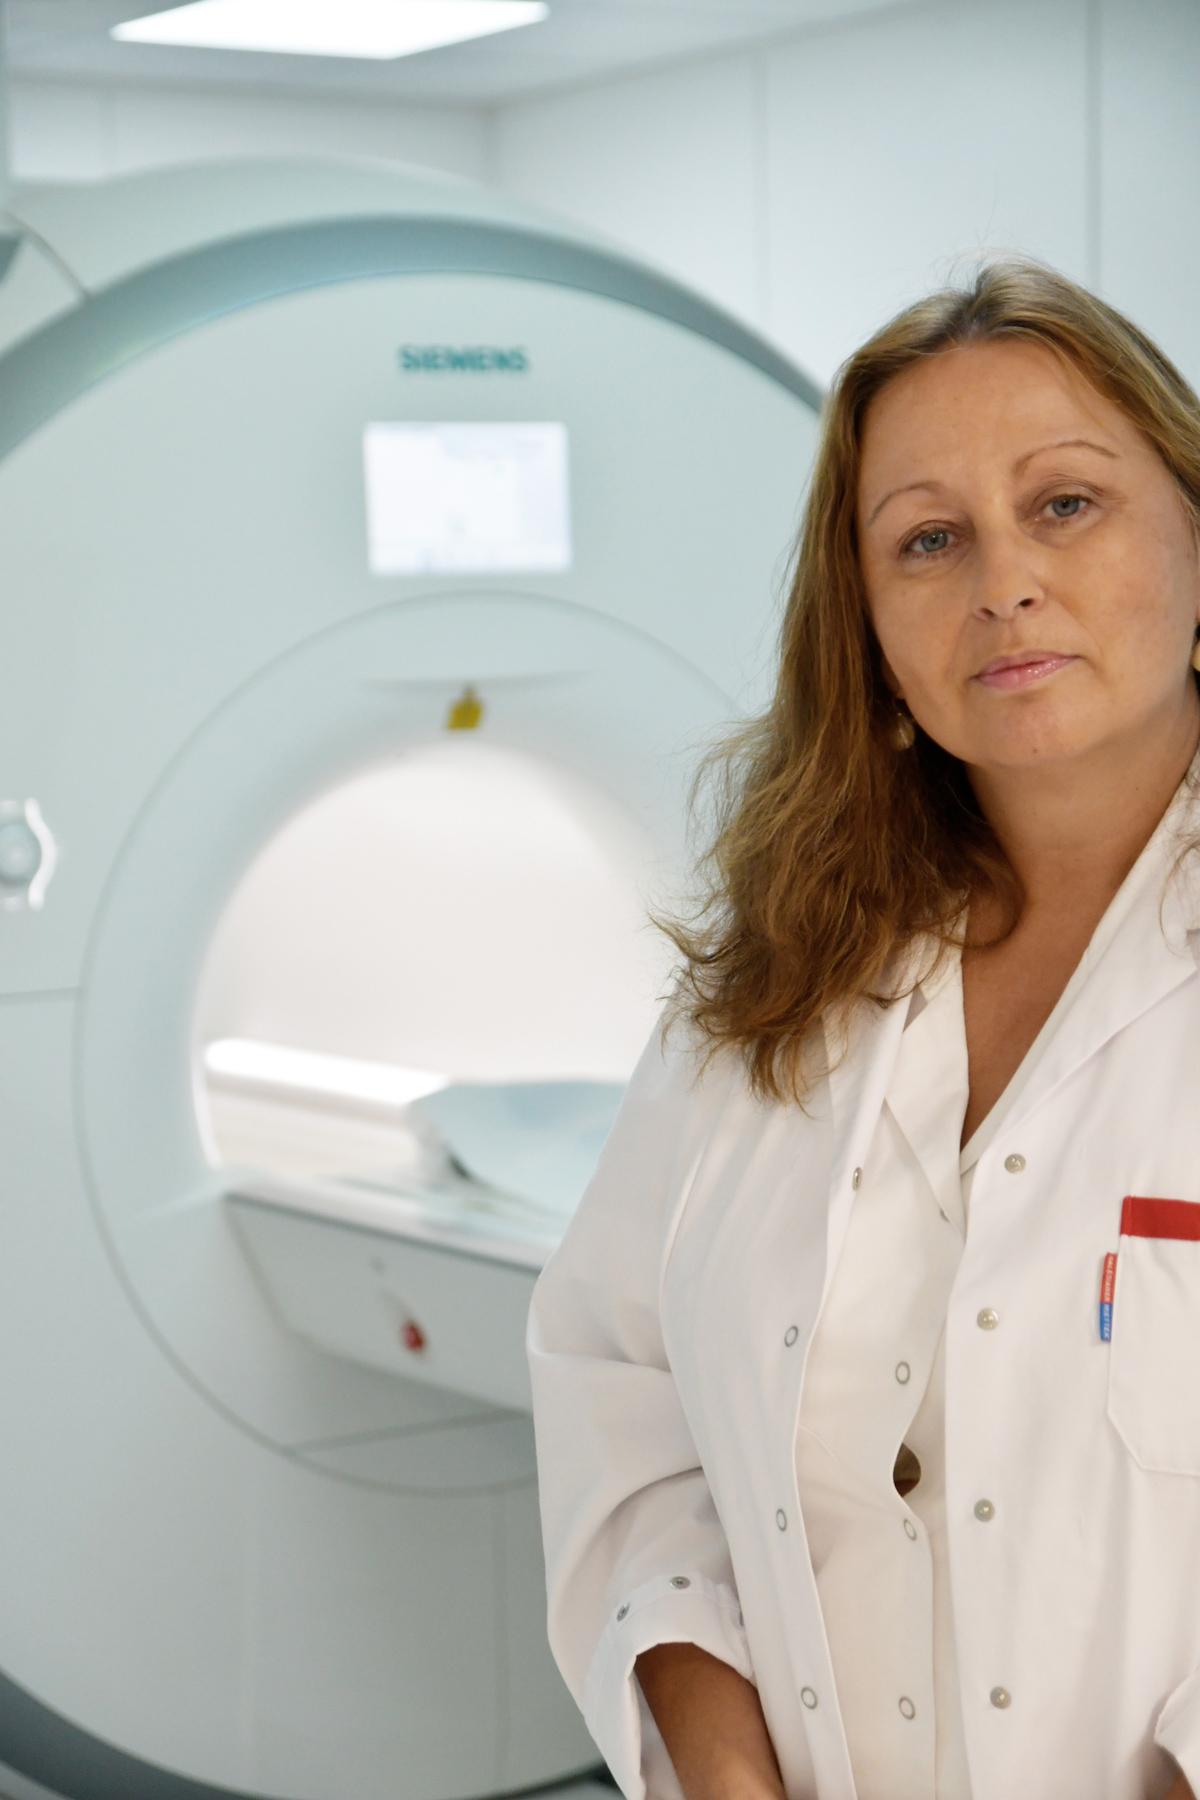 Prim. Dr. Claudia Linemayr-Wagner, ärztliche Leiterin des WGKK-Gesundheitszentrums Wien-Süd. Foto: WGKK